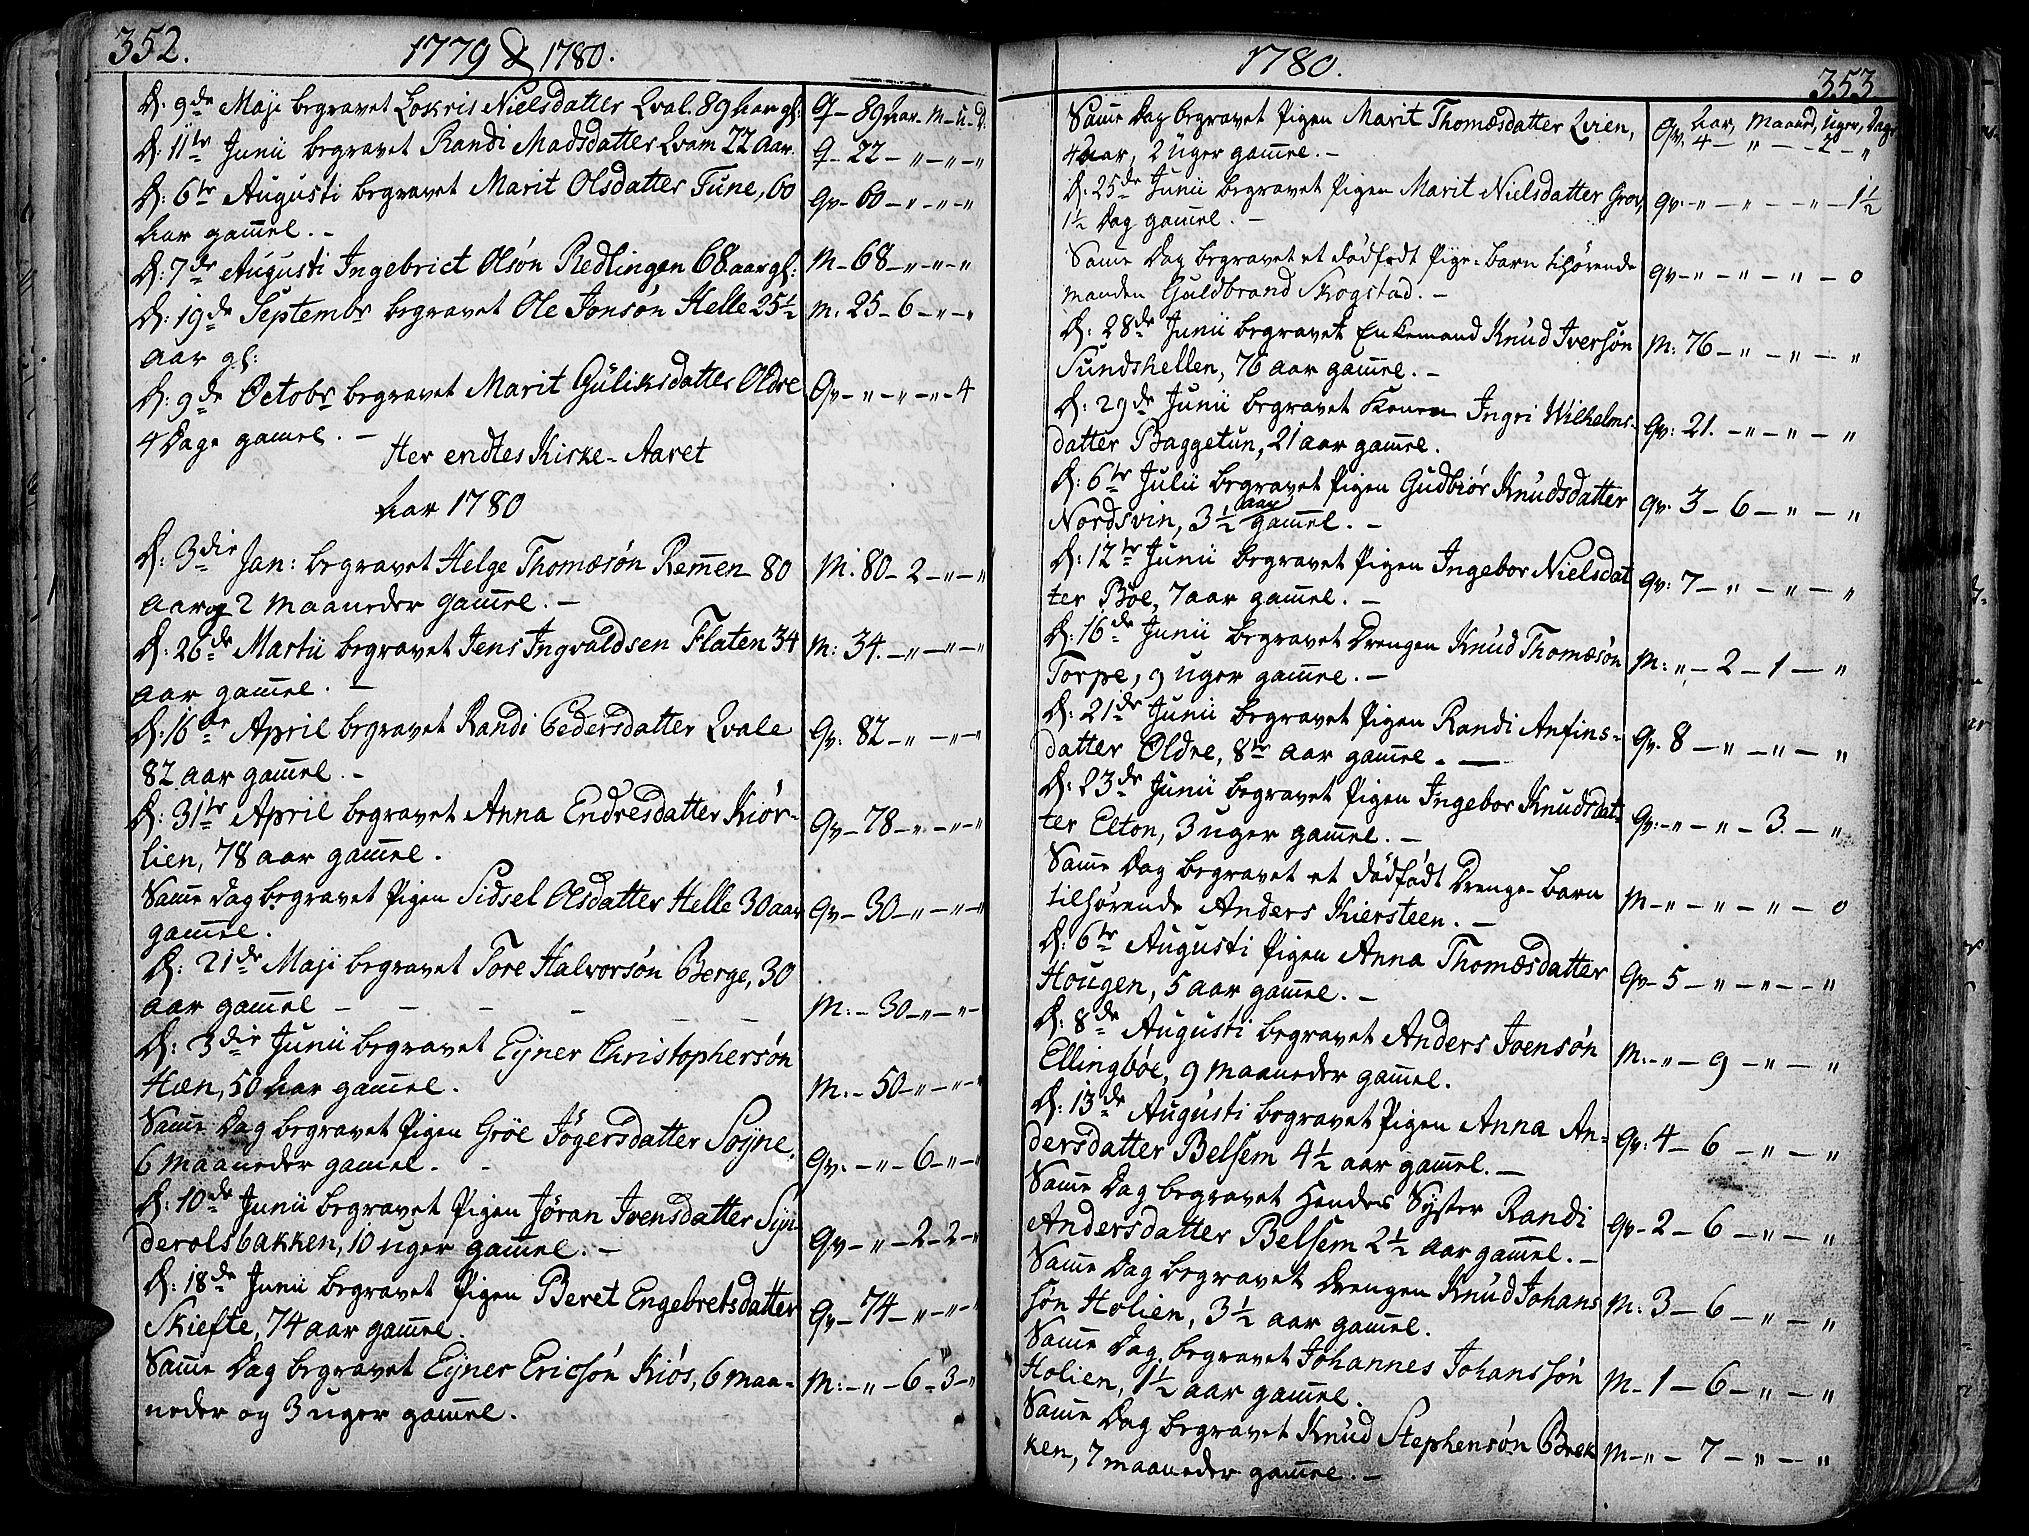 SAH, Vang prestekontor, Valdres, Ministerialbok nr. 1, 1730-1796, s. 352-353